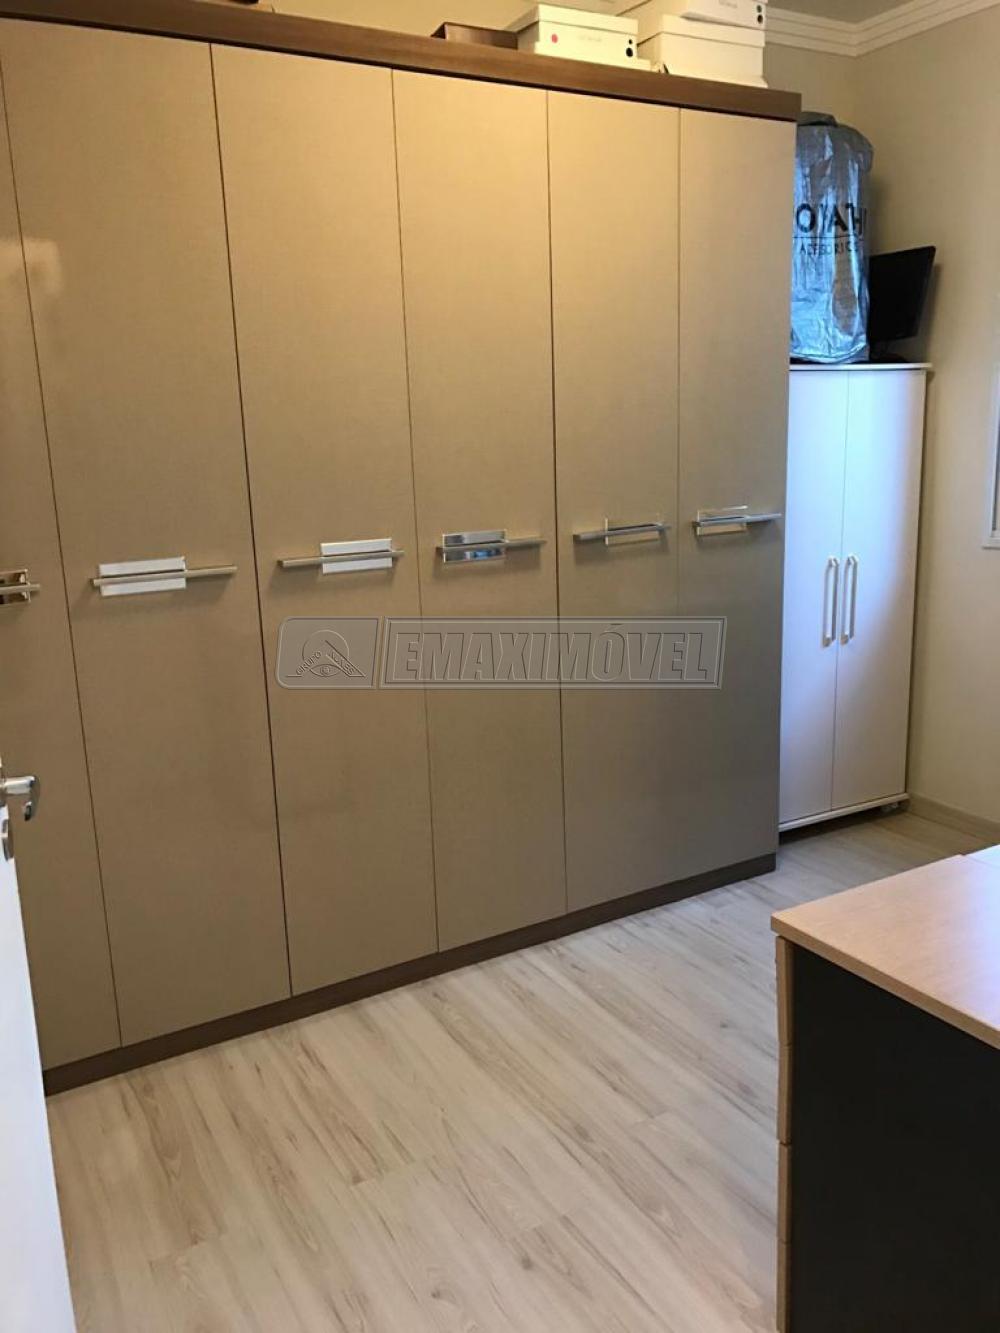 Comprar Apartamentos / Apto Padrão em Sorocaba apenas R$ 225.000,00 - Foto 12